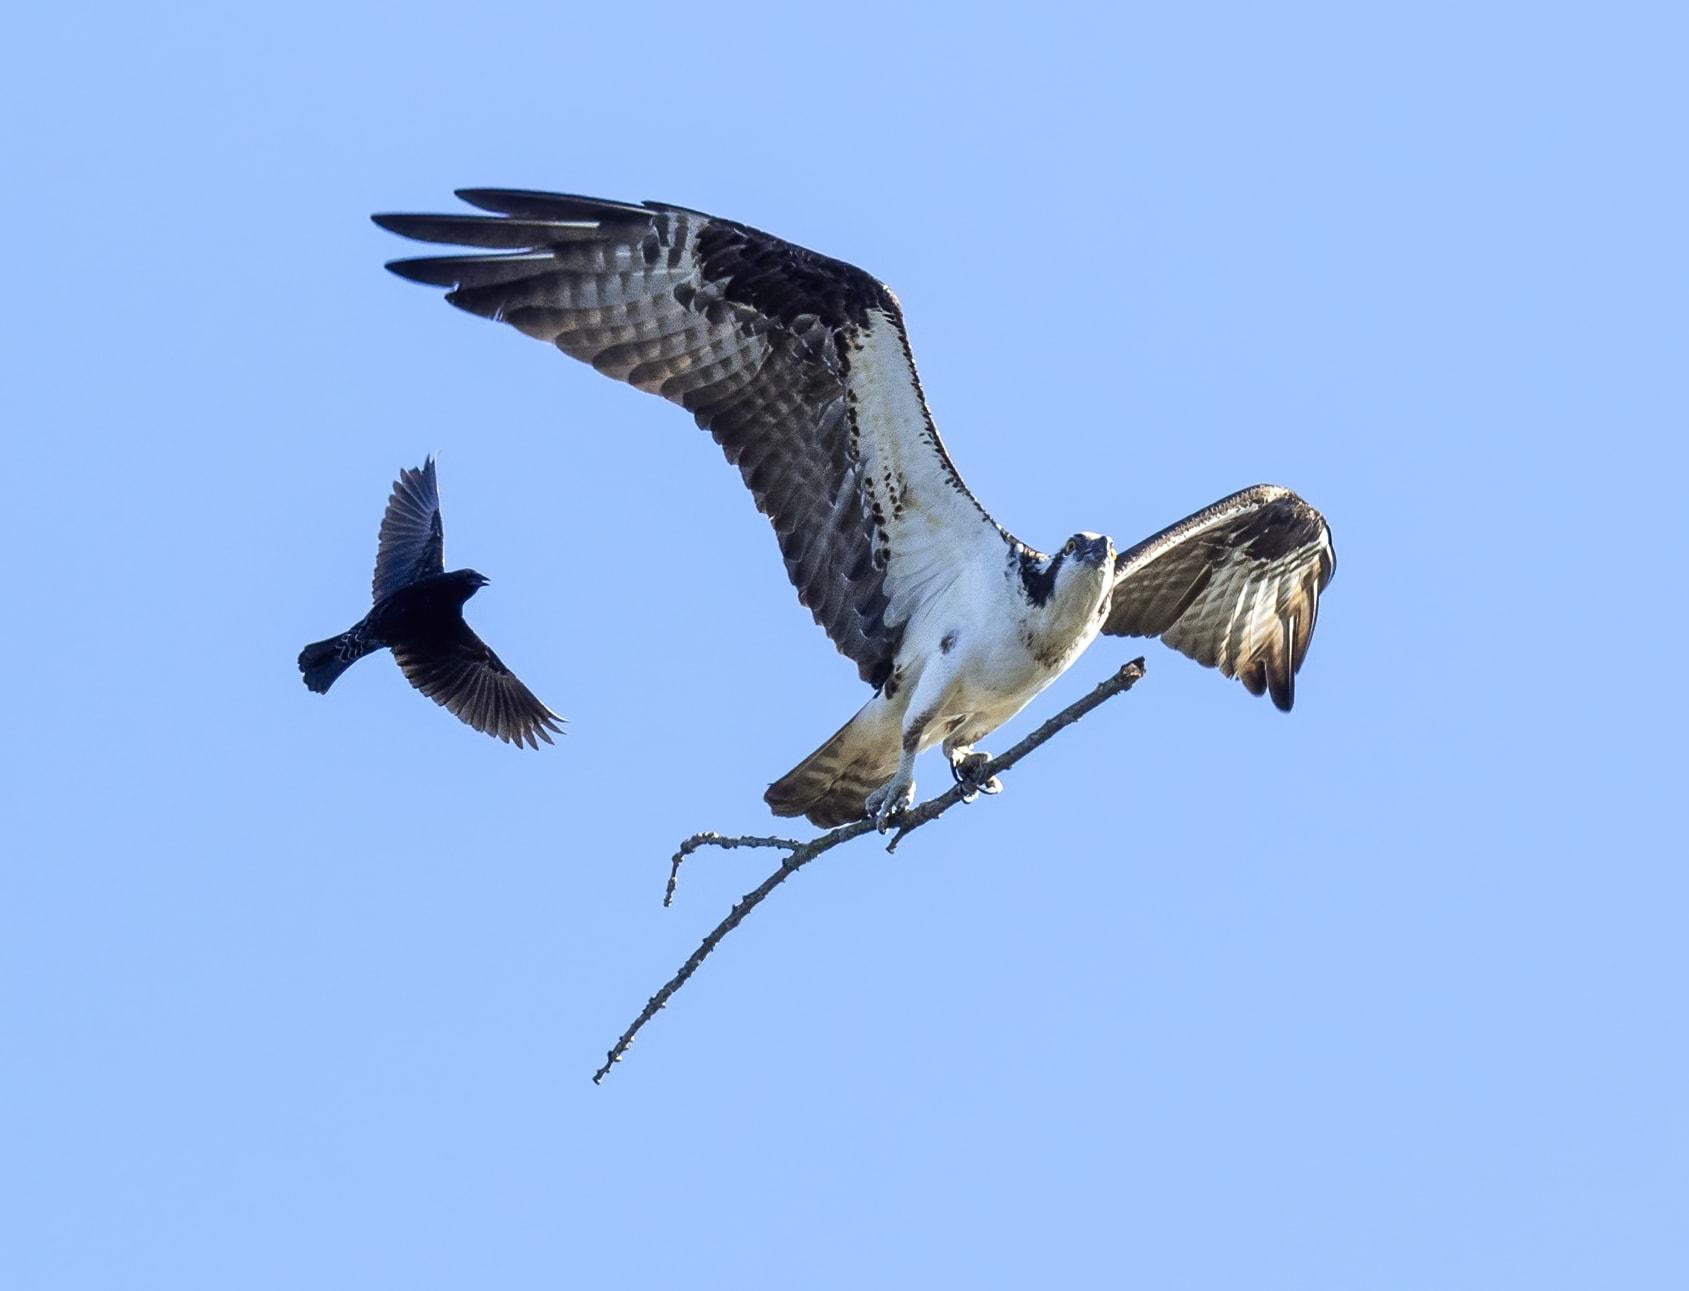 طائر الشحرور الصغير يلاحق طائر العقاب النساري